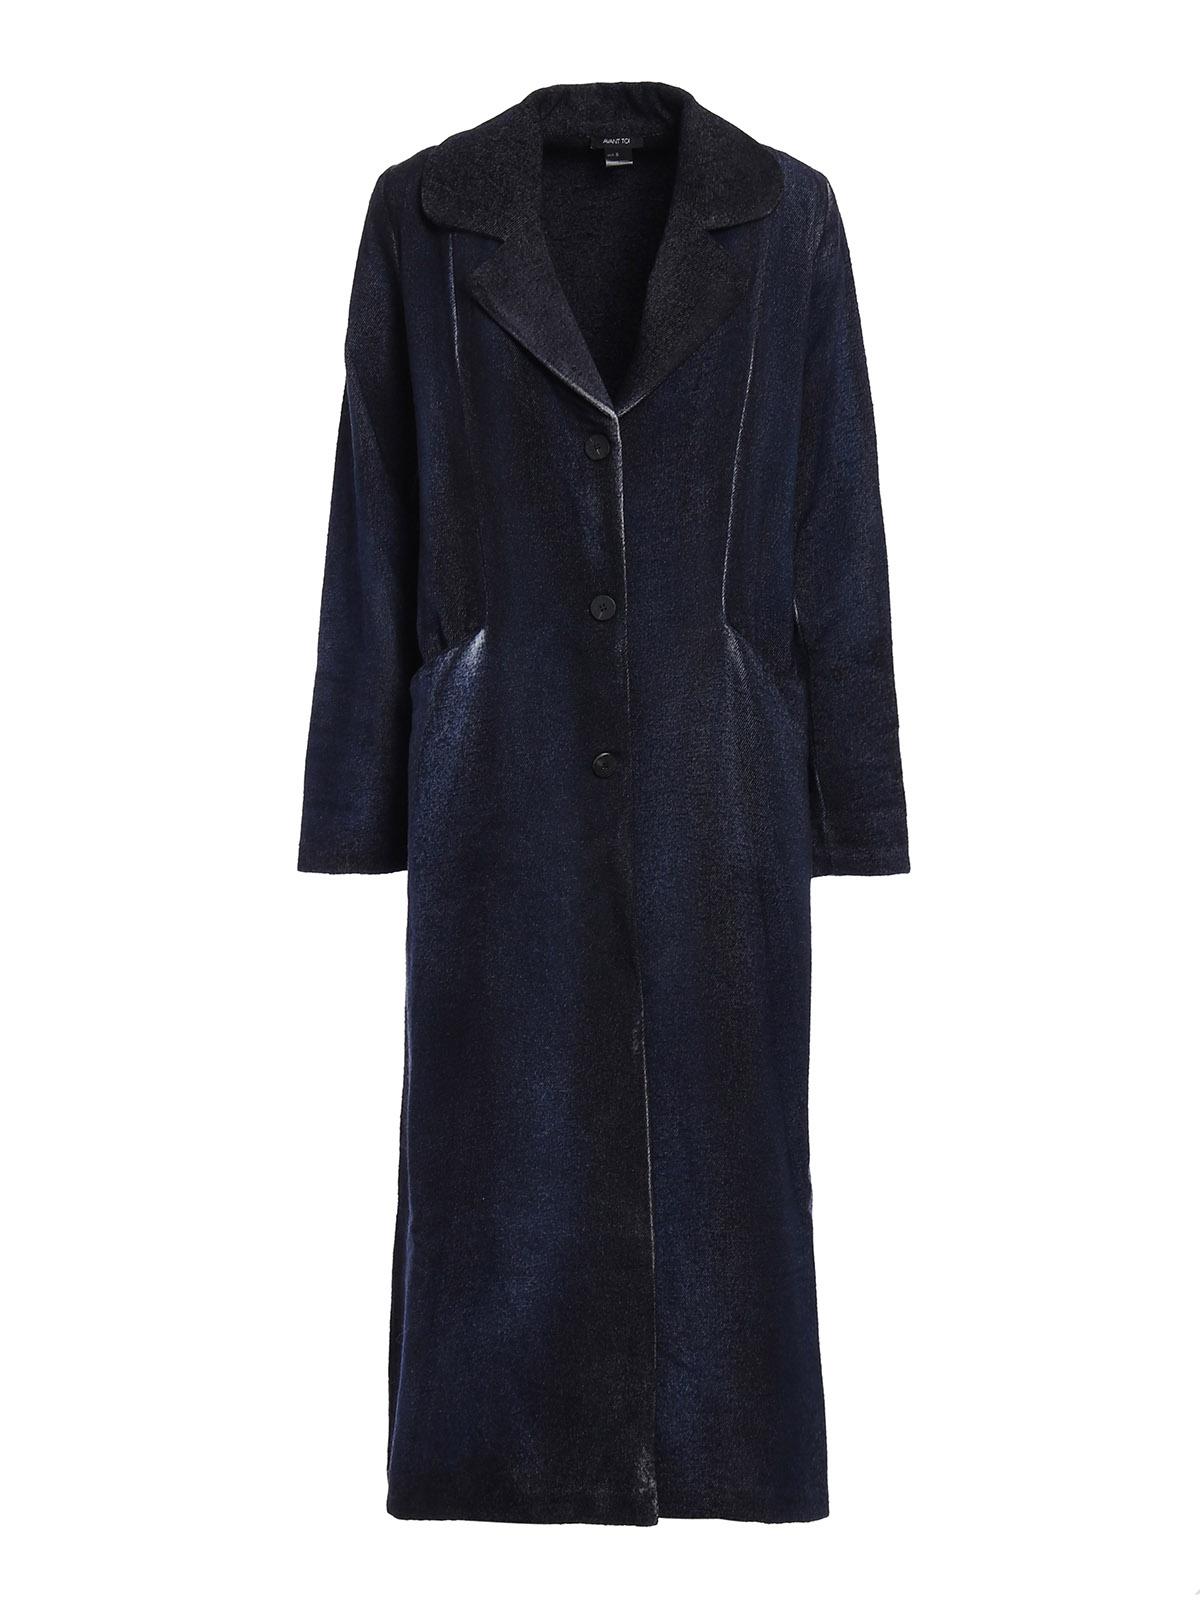 Langer mantel dunkelblau